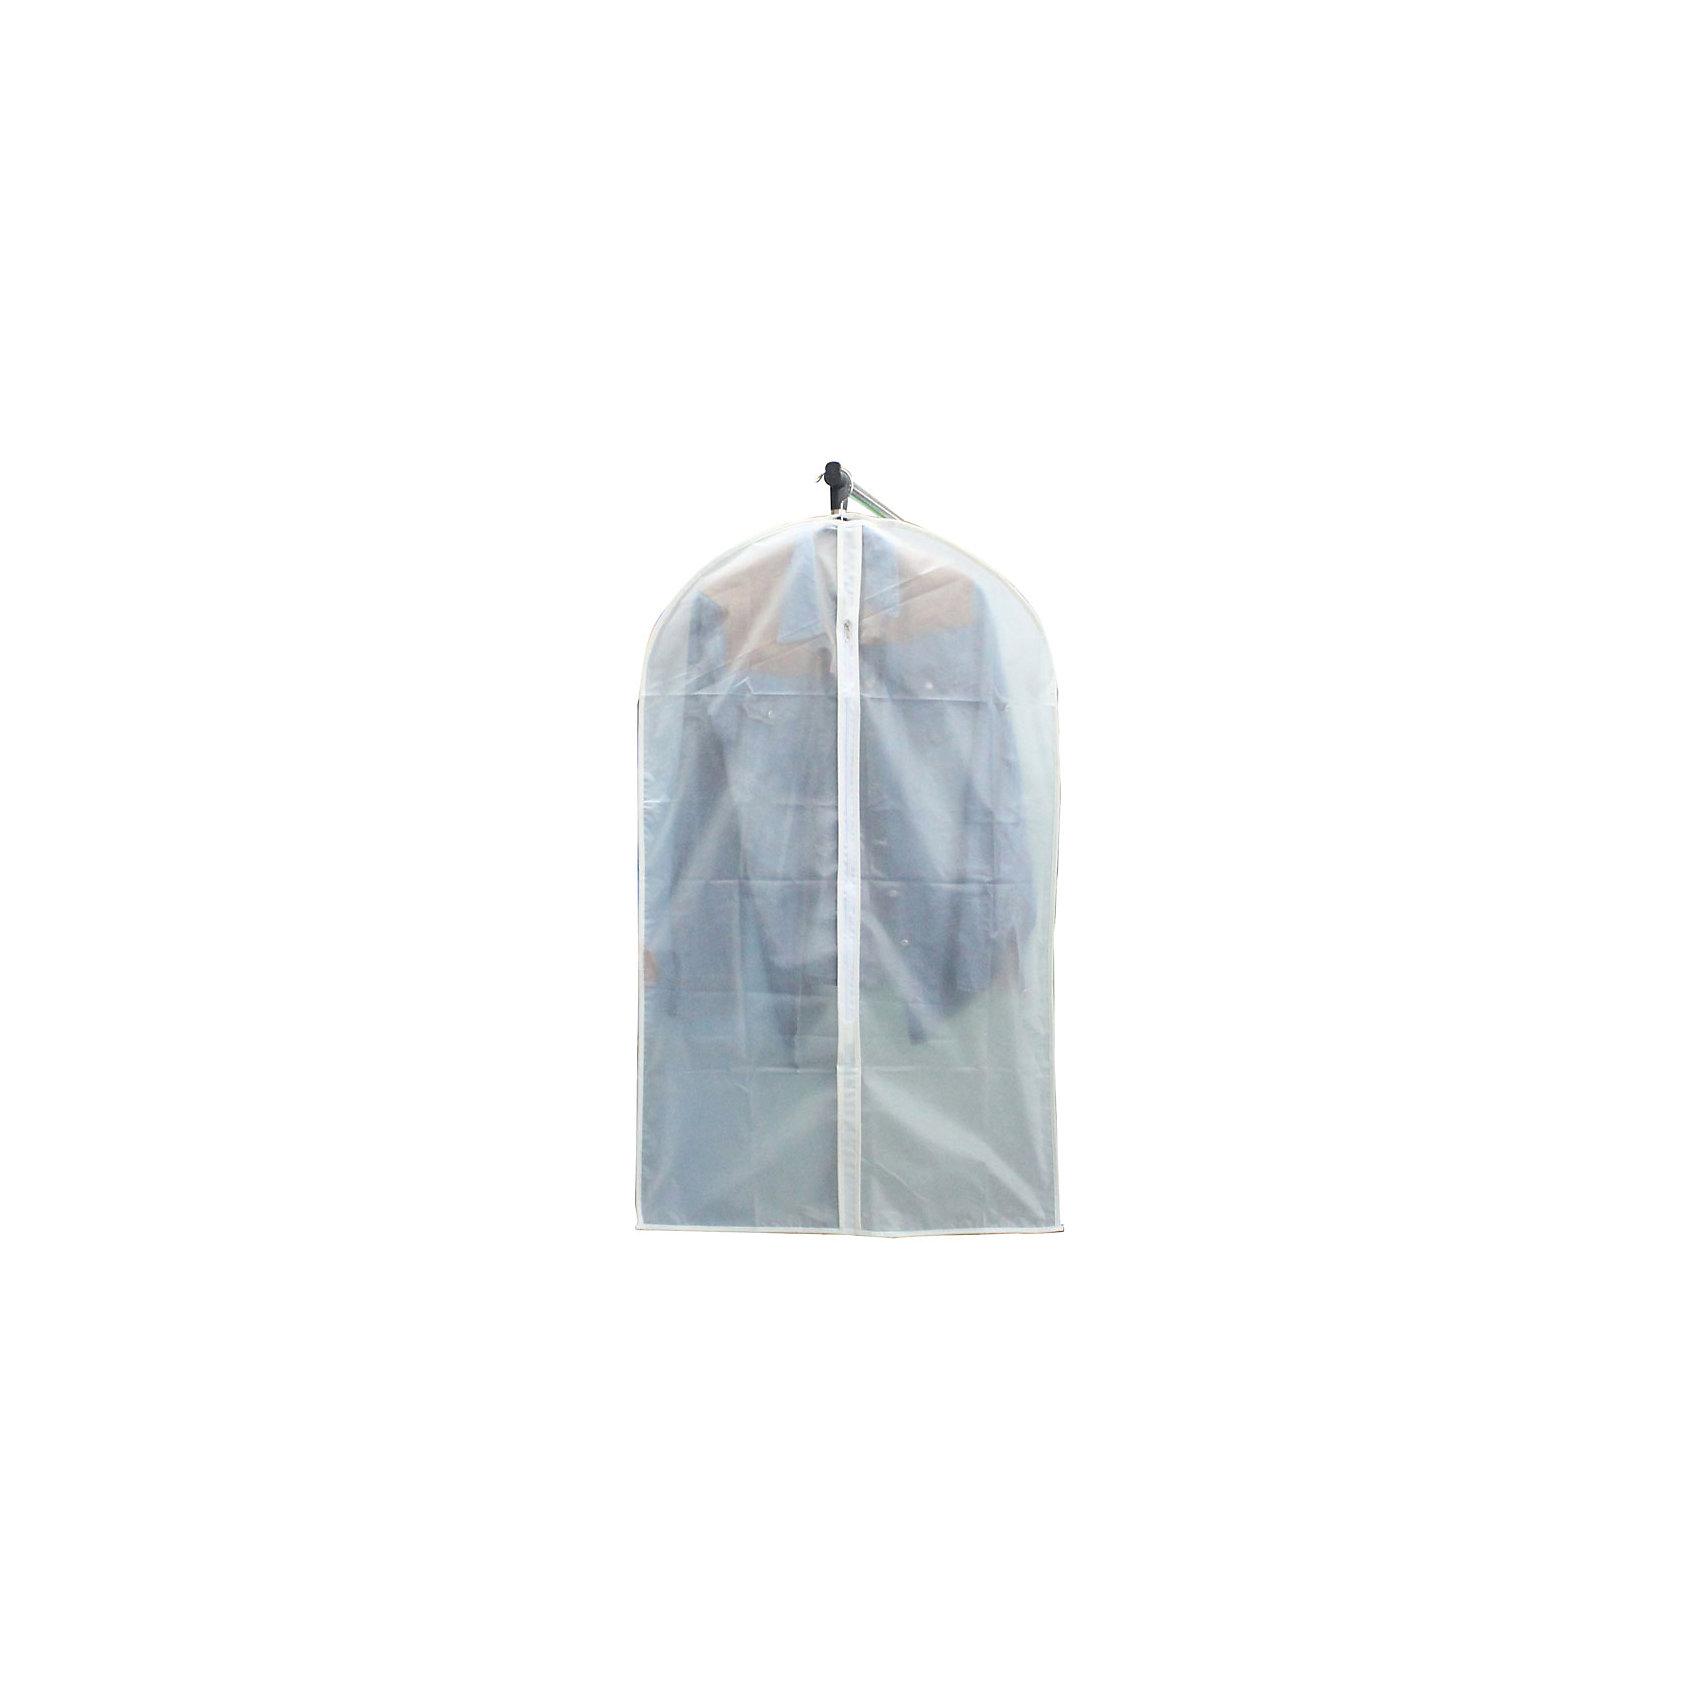 Чехол для одежды Эконом SUN-001,  60*100см, Рыжий КотВместительный чехол из прозрачного материала закрывается на молнию, оснащен крючком для подвеса. Чехол защищает изделия от насекомых, моли, от пыли. Материал не электризуется.   <br><br>Дополнительная информация:<br><br>Размер: 60х100 см<br>Материал: полиэтиленвинилацетат<br>Толщина: 0,065 мм<br><br>Чехол для одежды Эконом SUN-001,  60*100см, Рыжий Кот можно купить в нашем интернет-магазине.<br><br>Ширина мм: 310<br>Глубина мм: 220<br>Высота мм: 20<br>Вес г: 112<br>Возраст от месяцев: 36<br>Возраст до месяцев: 1080<br>Пол: Унисекс<br>Возраст: Детский<br>SKU: 4989813